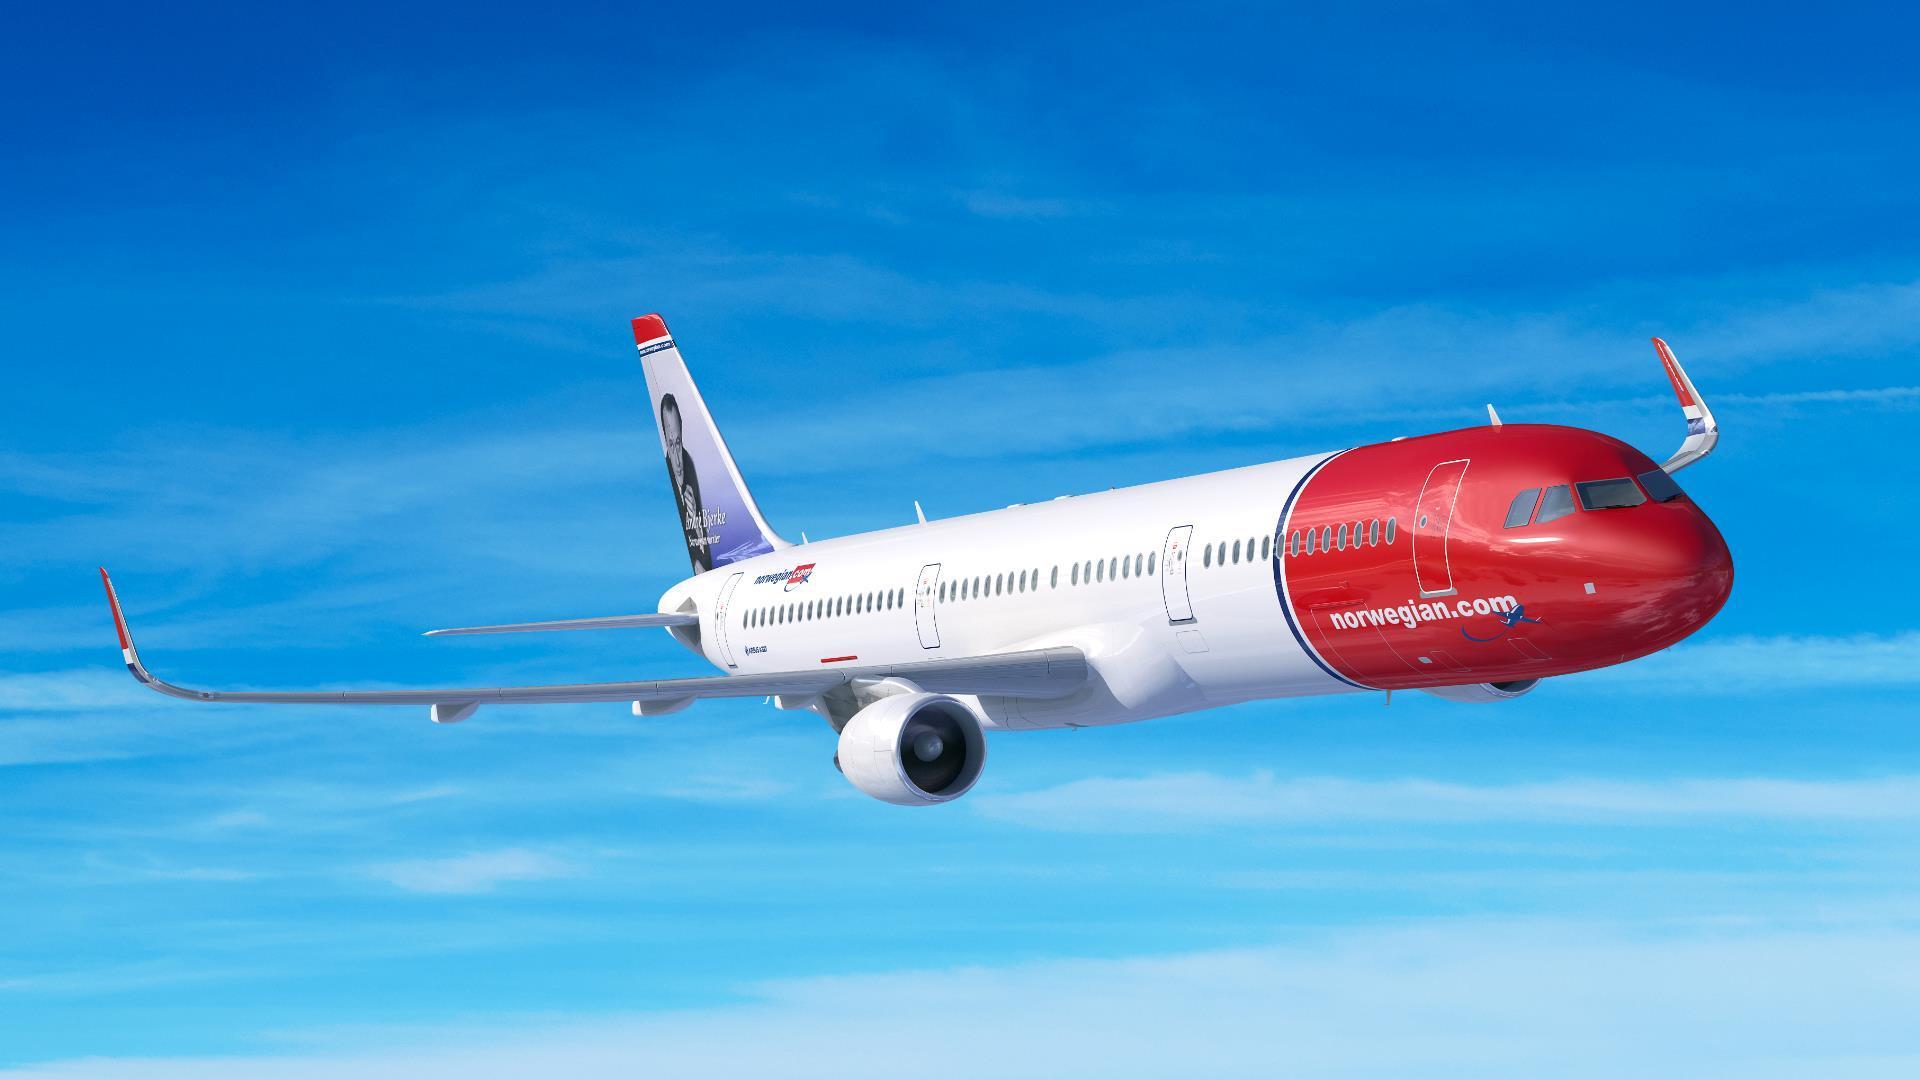 Pronto podremos volar low-cost de Sudamérica a Asia